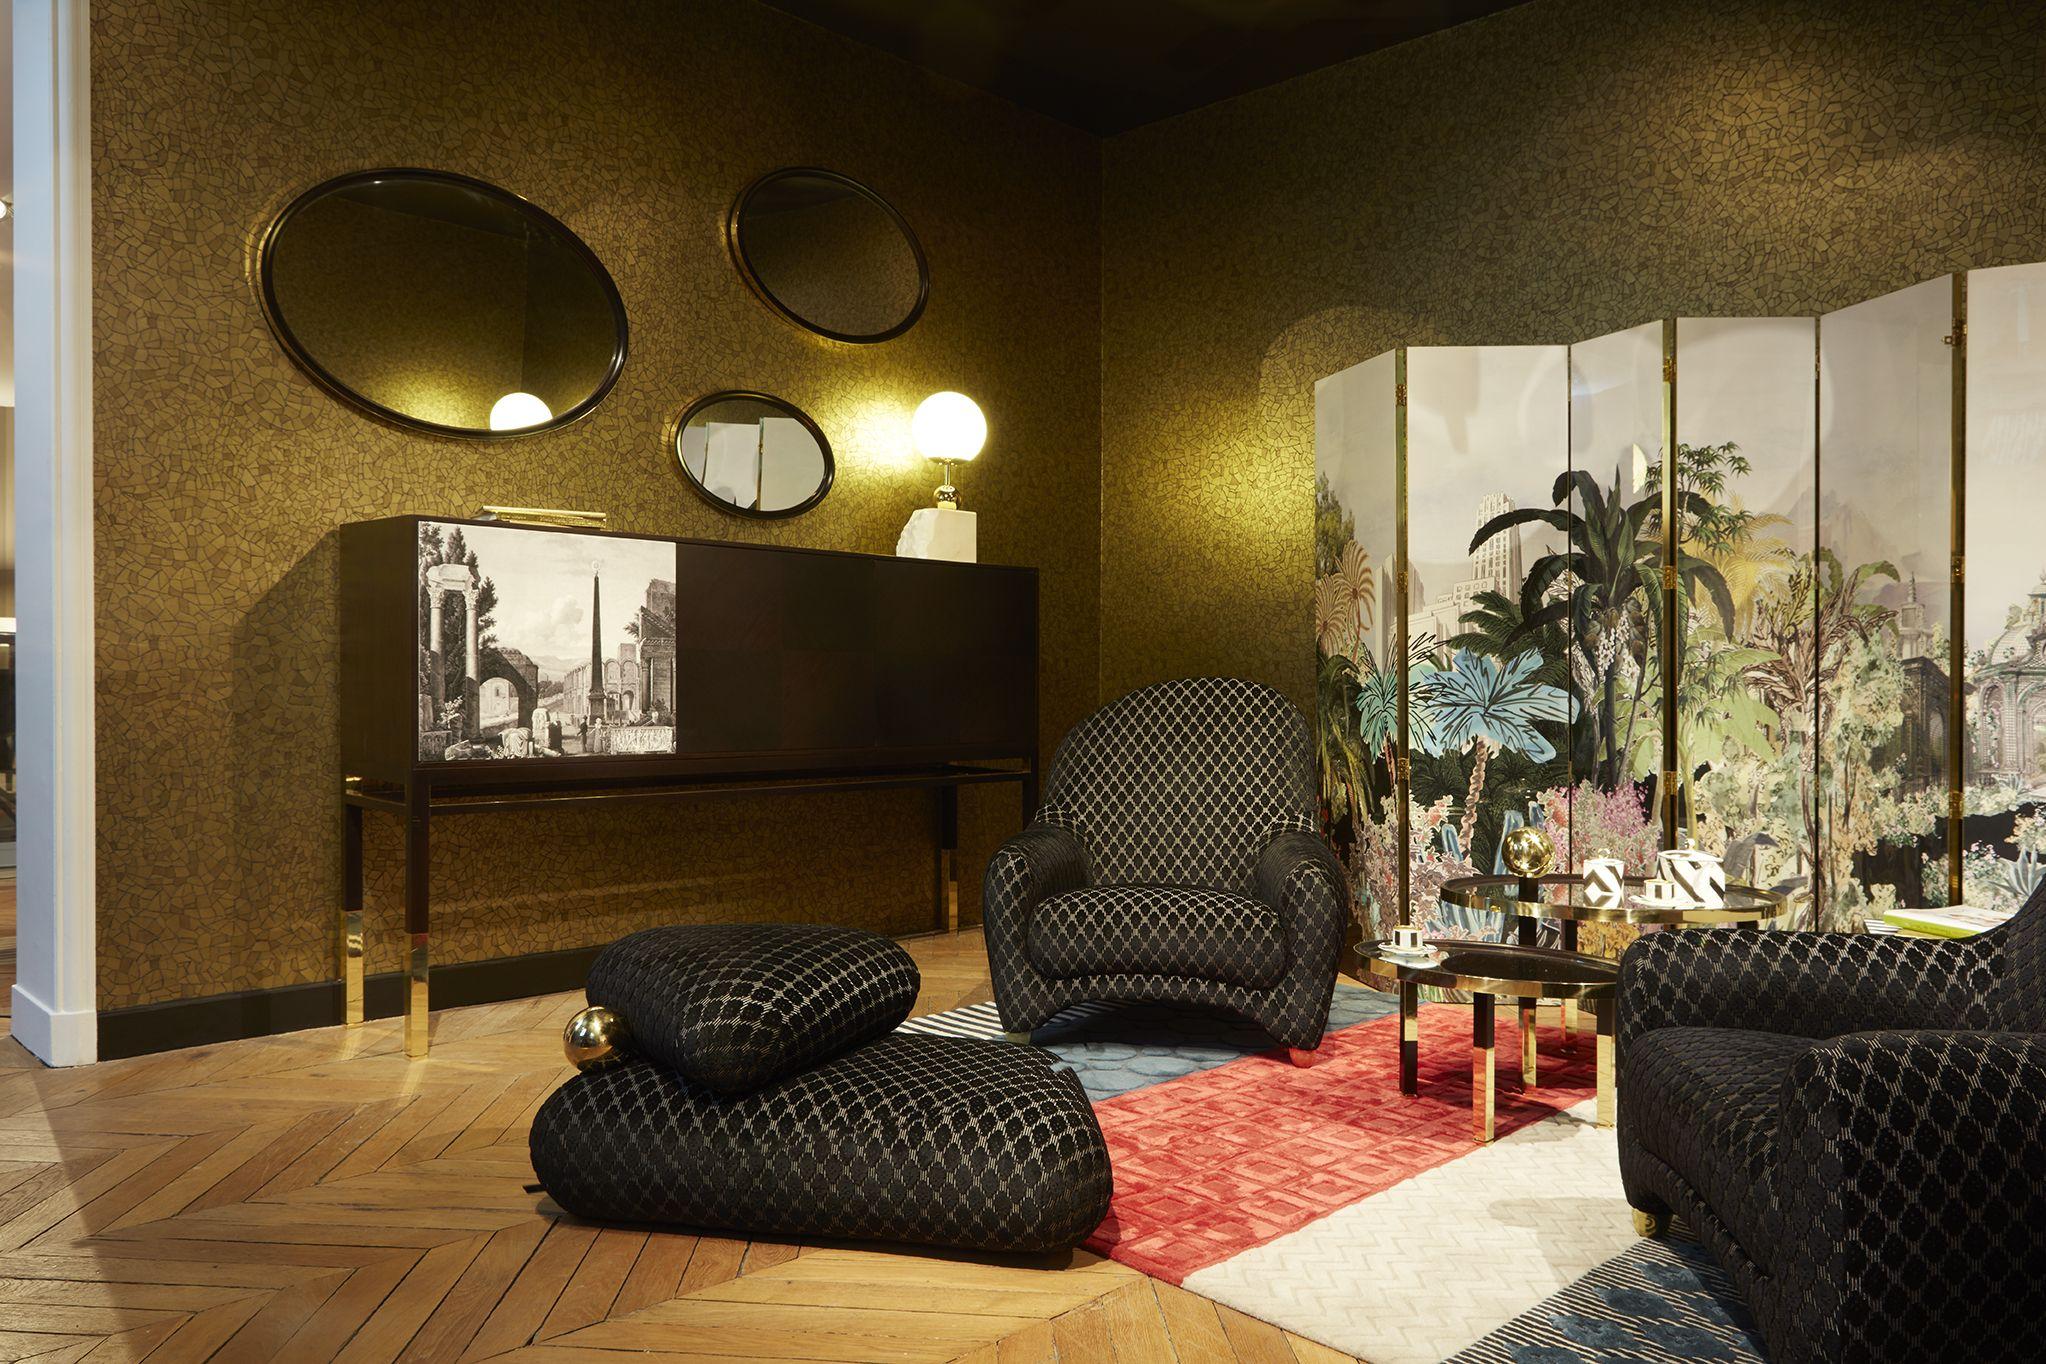 Christian Lacroix Maison Delivers Its First Collection Exclusively For Roche Bobois Simply Named ʺmaison Lac Petit Salon Architecte Interieur Mobilier De Luxe